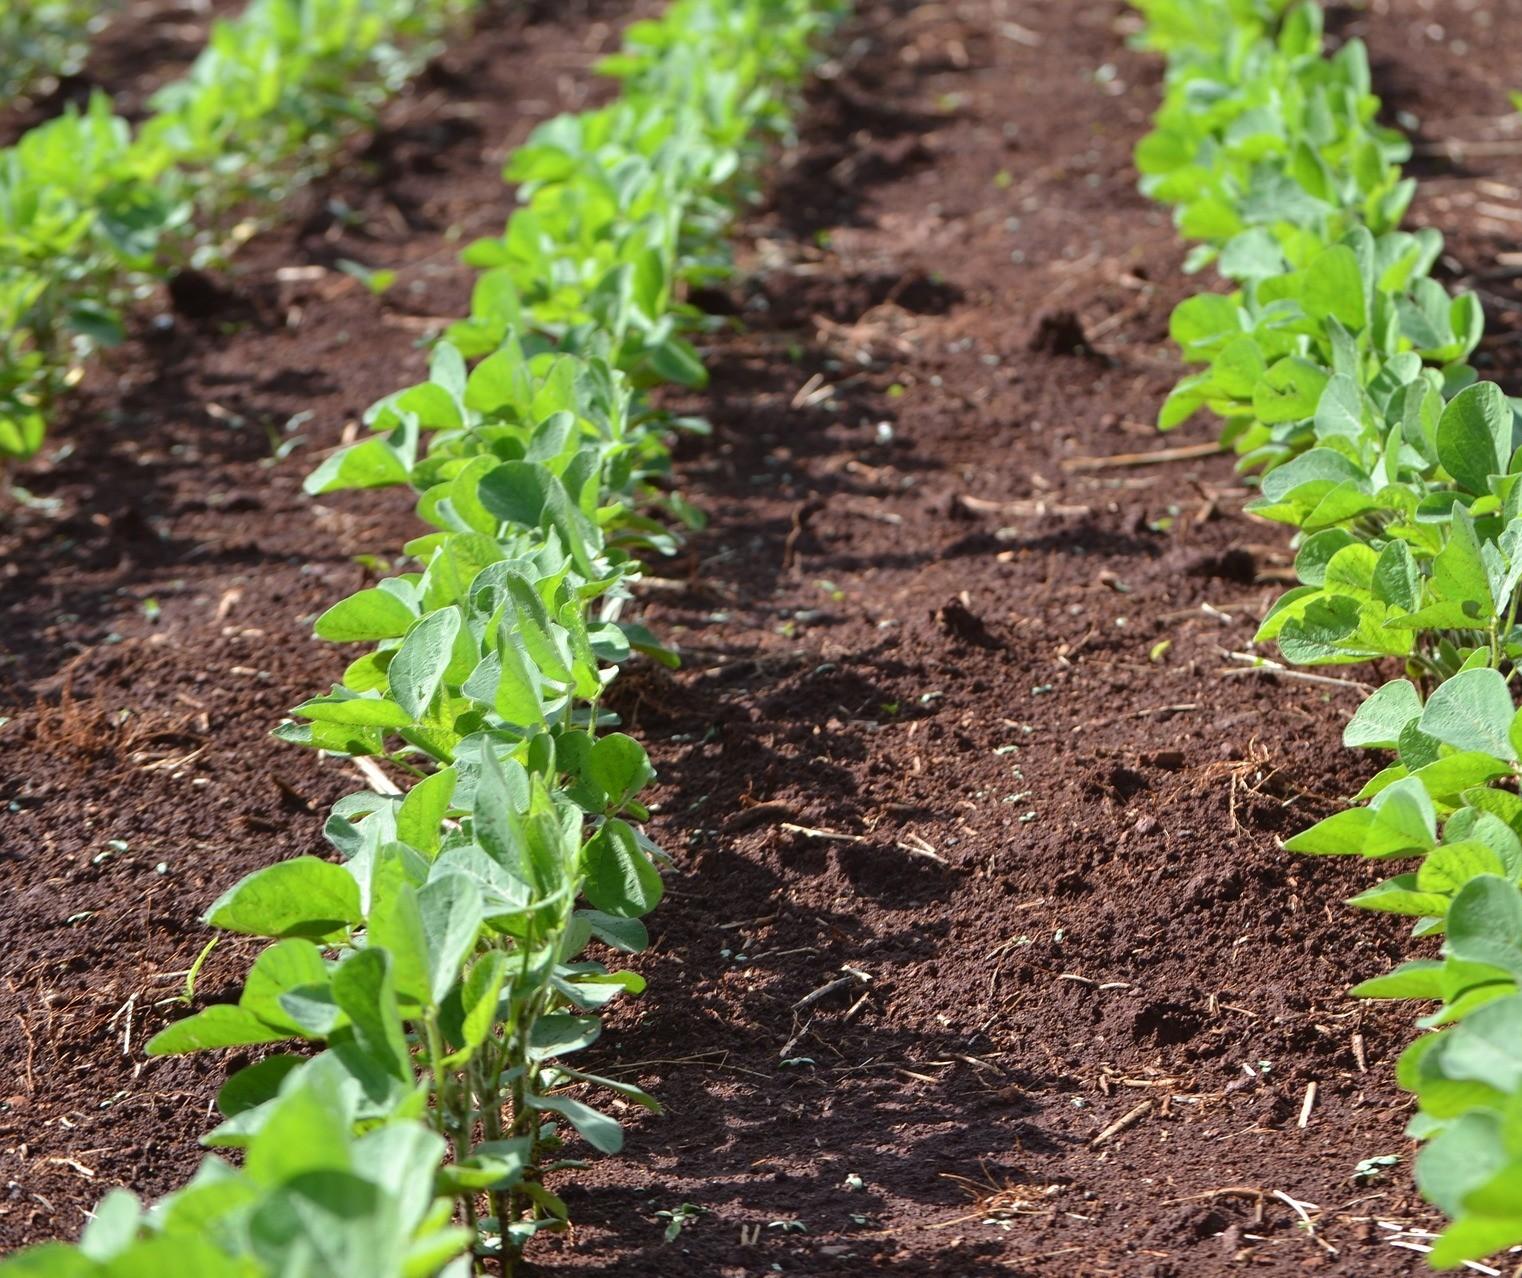 Plantio de soja 2020/21 do Paraná avança 8 pontos na semana, mas segue atrasado